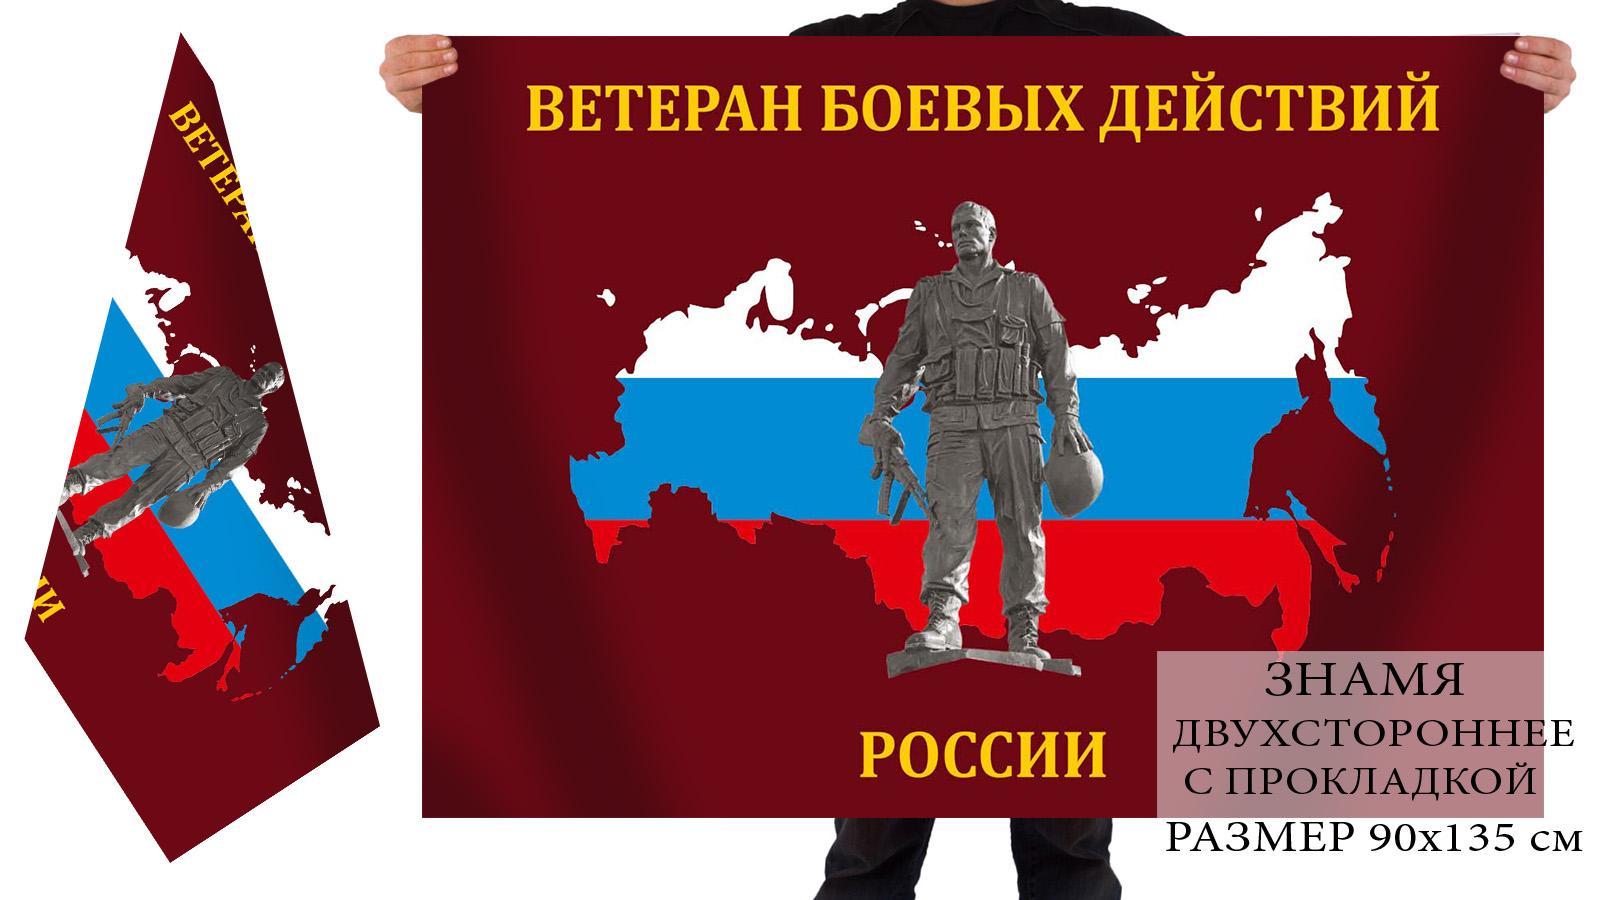 Купить в интернете двухсторонний флаг «Ветеран боевых действий России»